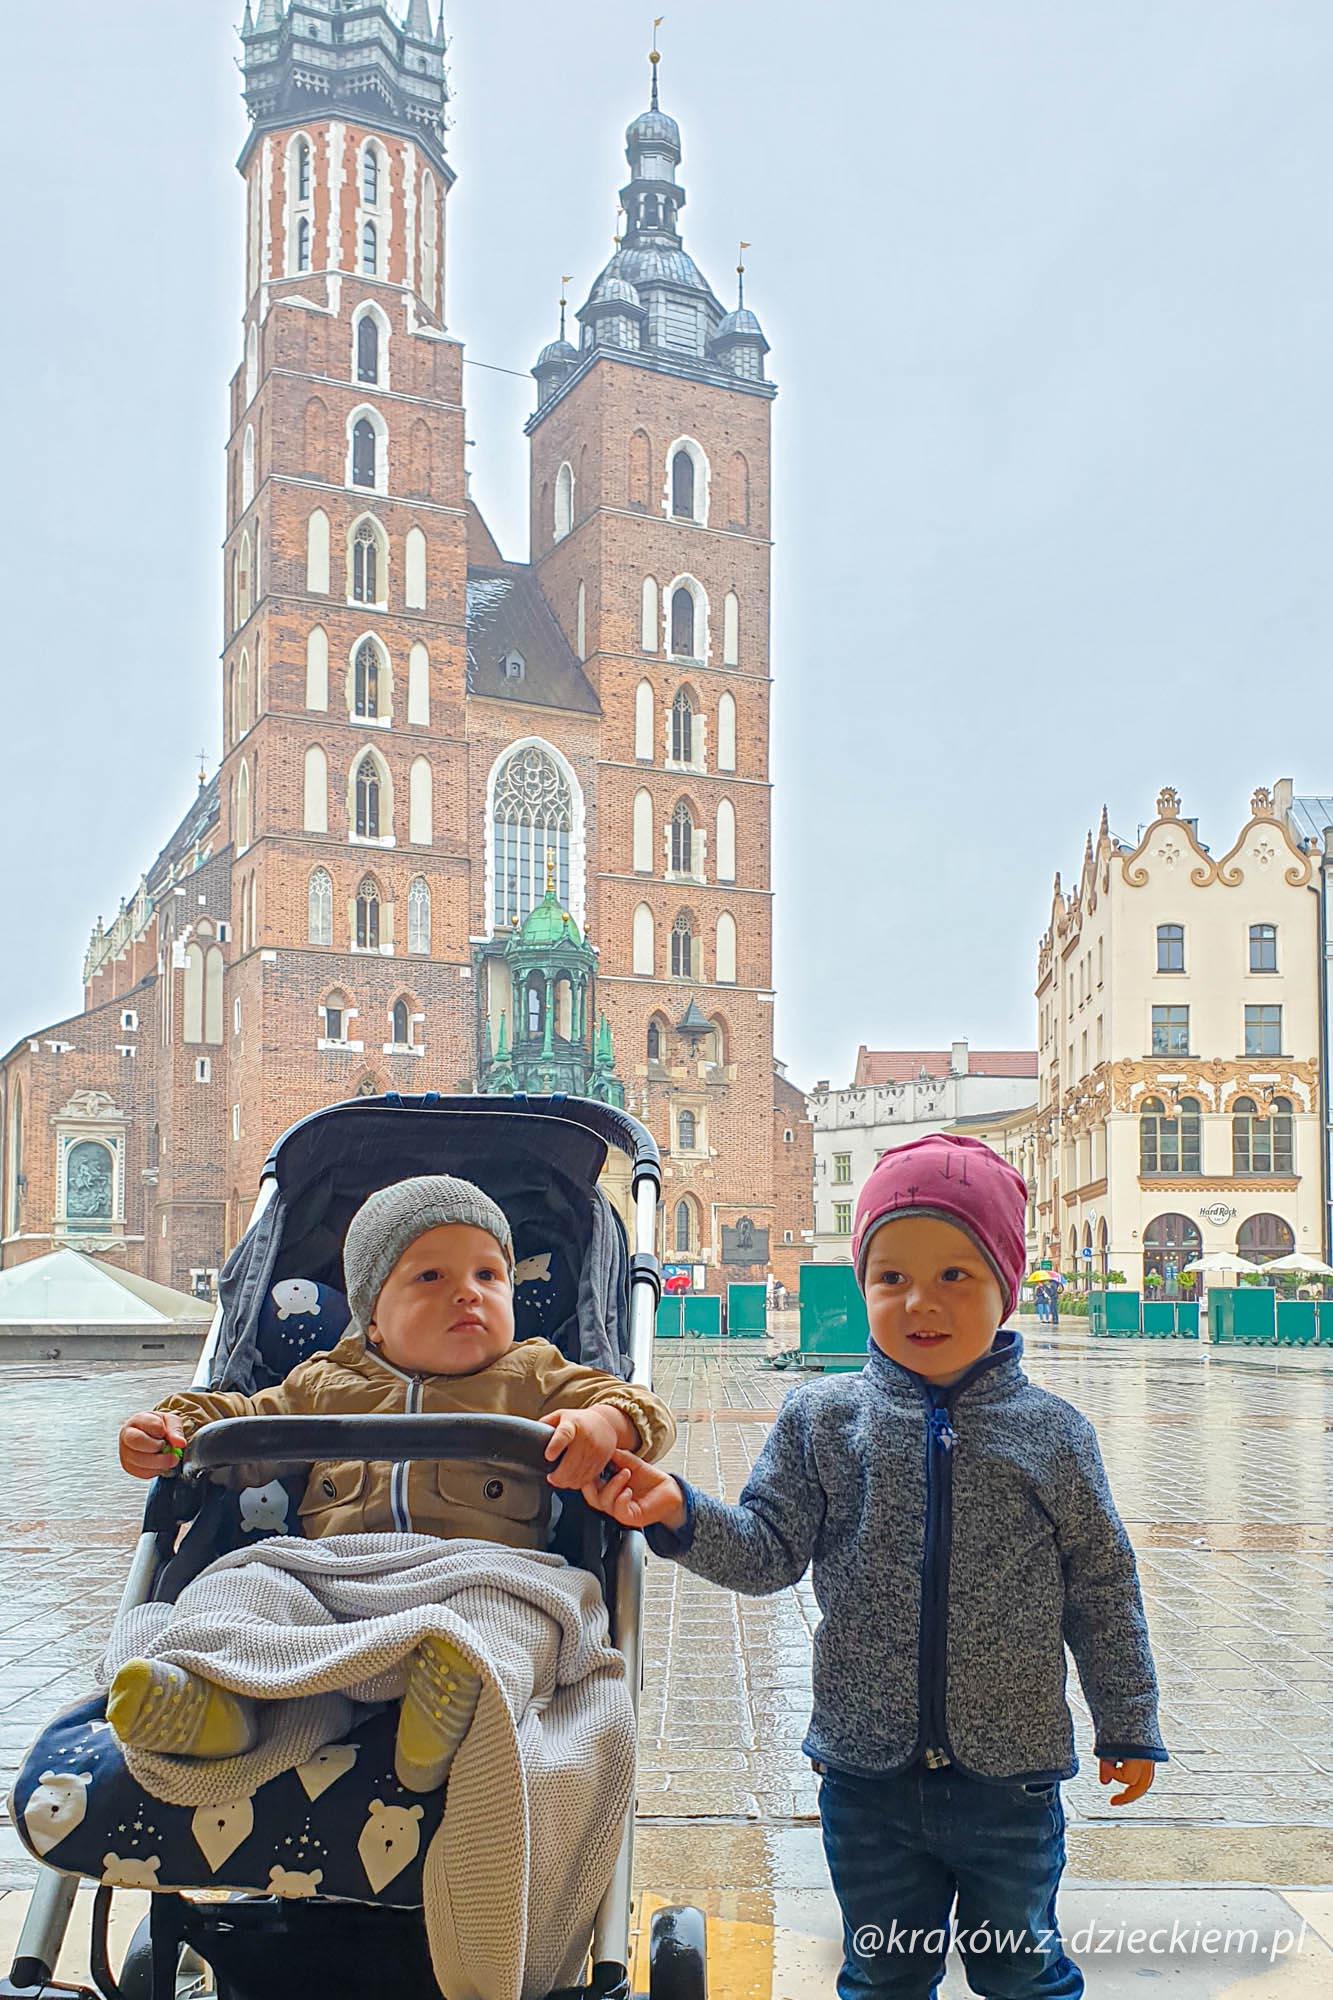 Podziemia rynku w Krakowie z dzieckiem